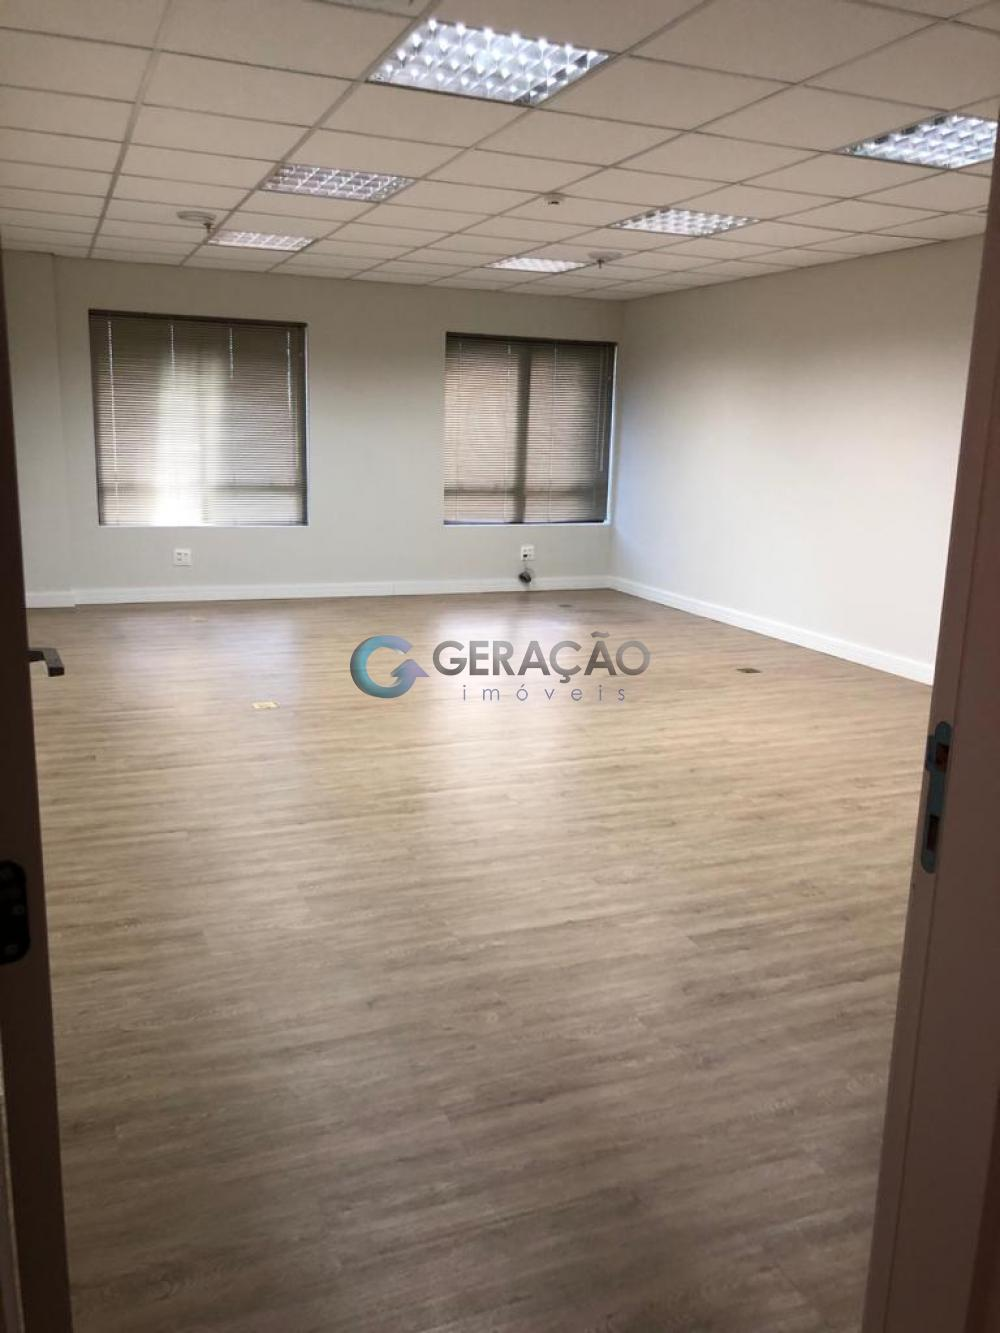 Alugar Comercial / Sala em Condomínio em São José dos Campos apenas R$ 1.400,00 - Foto 1